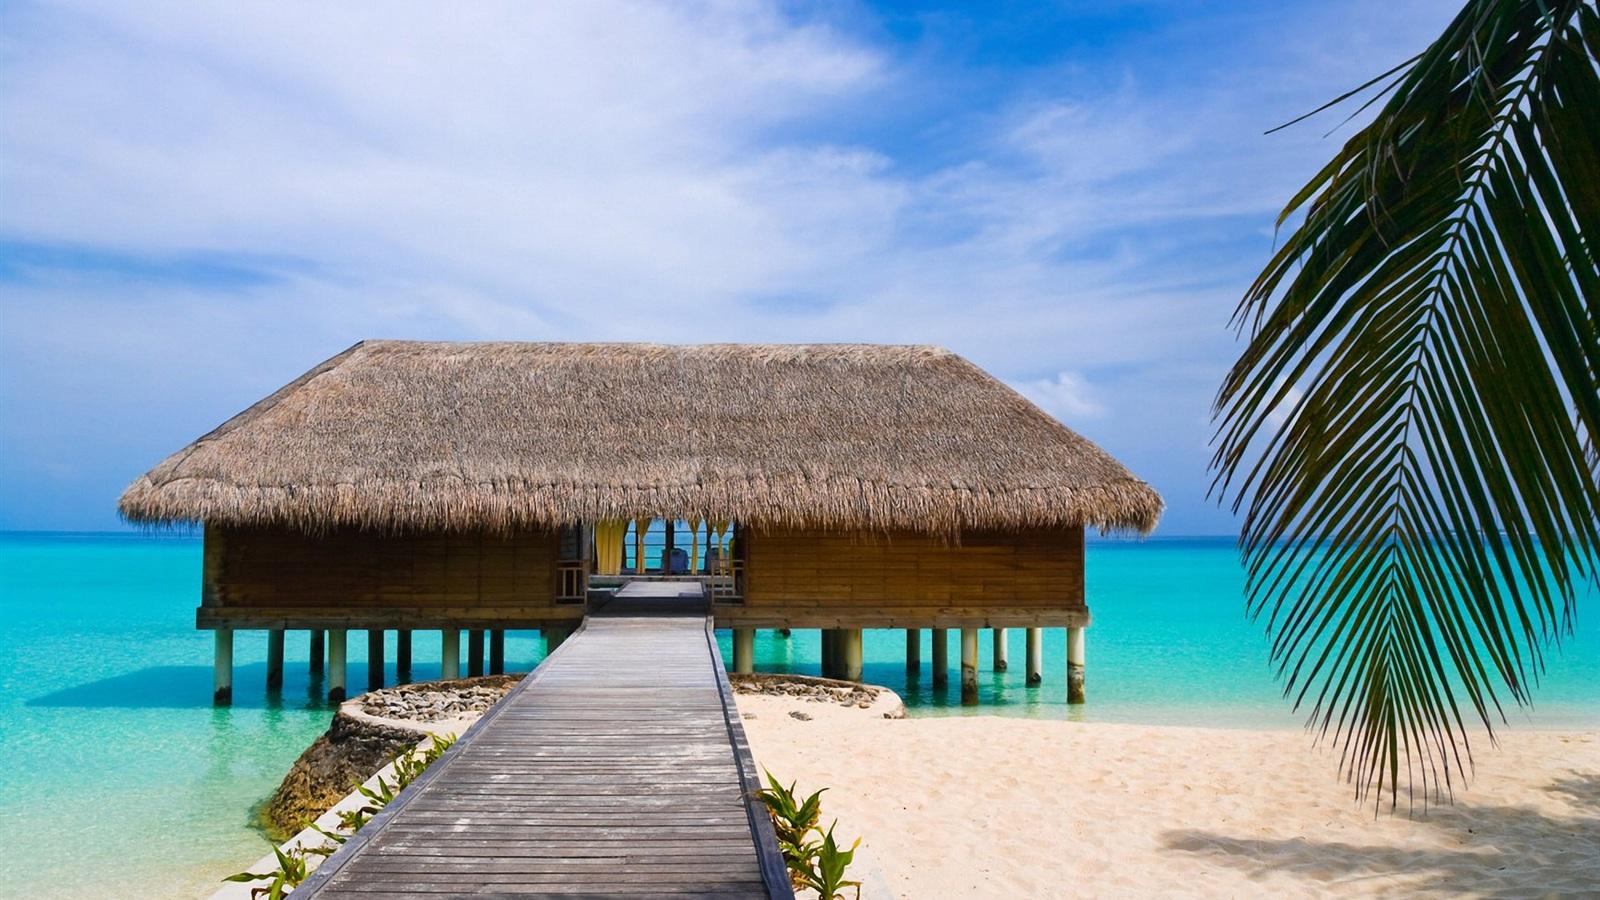 Домик на пляже картинка